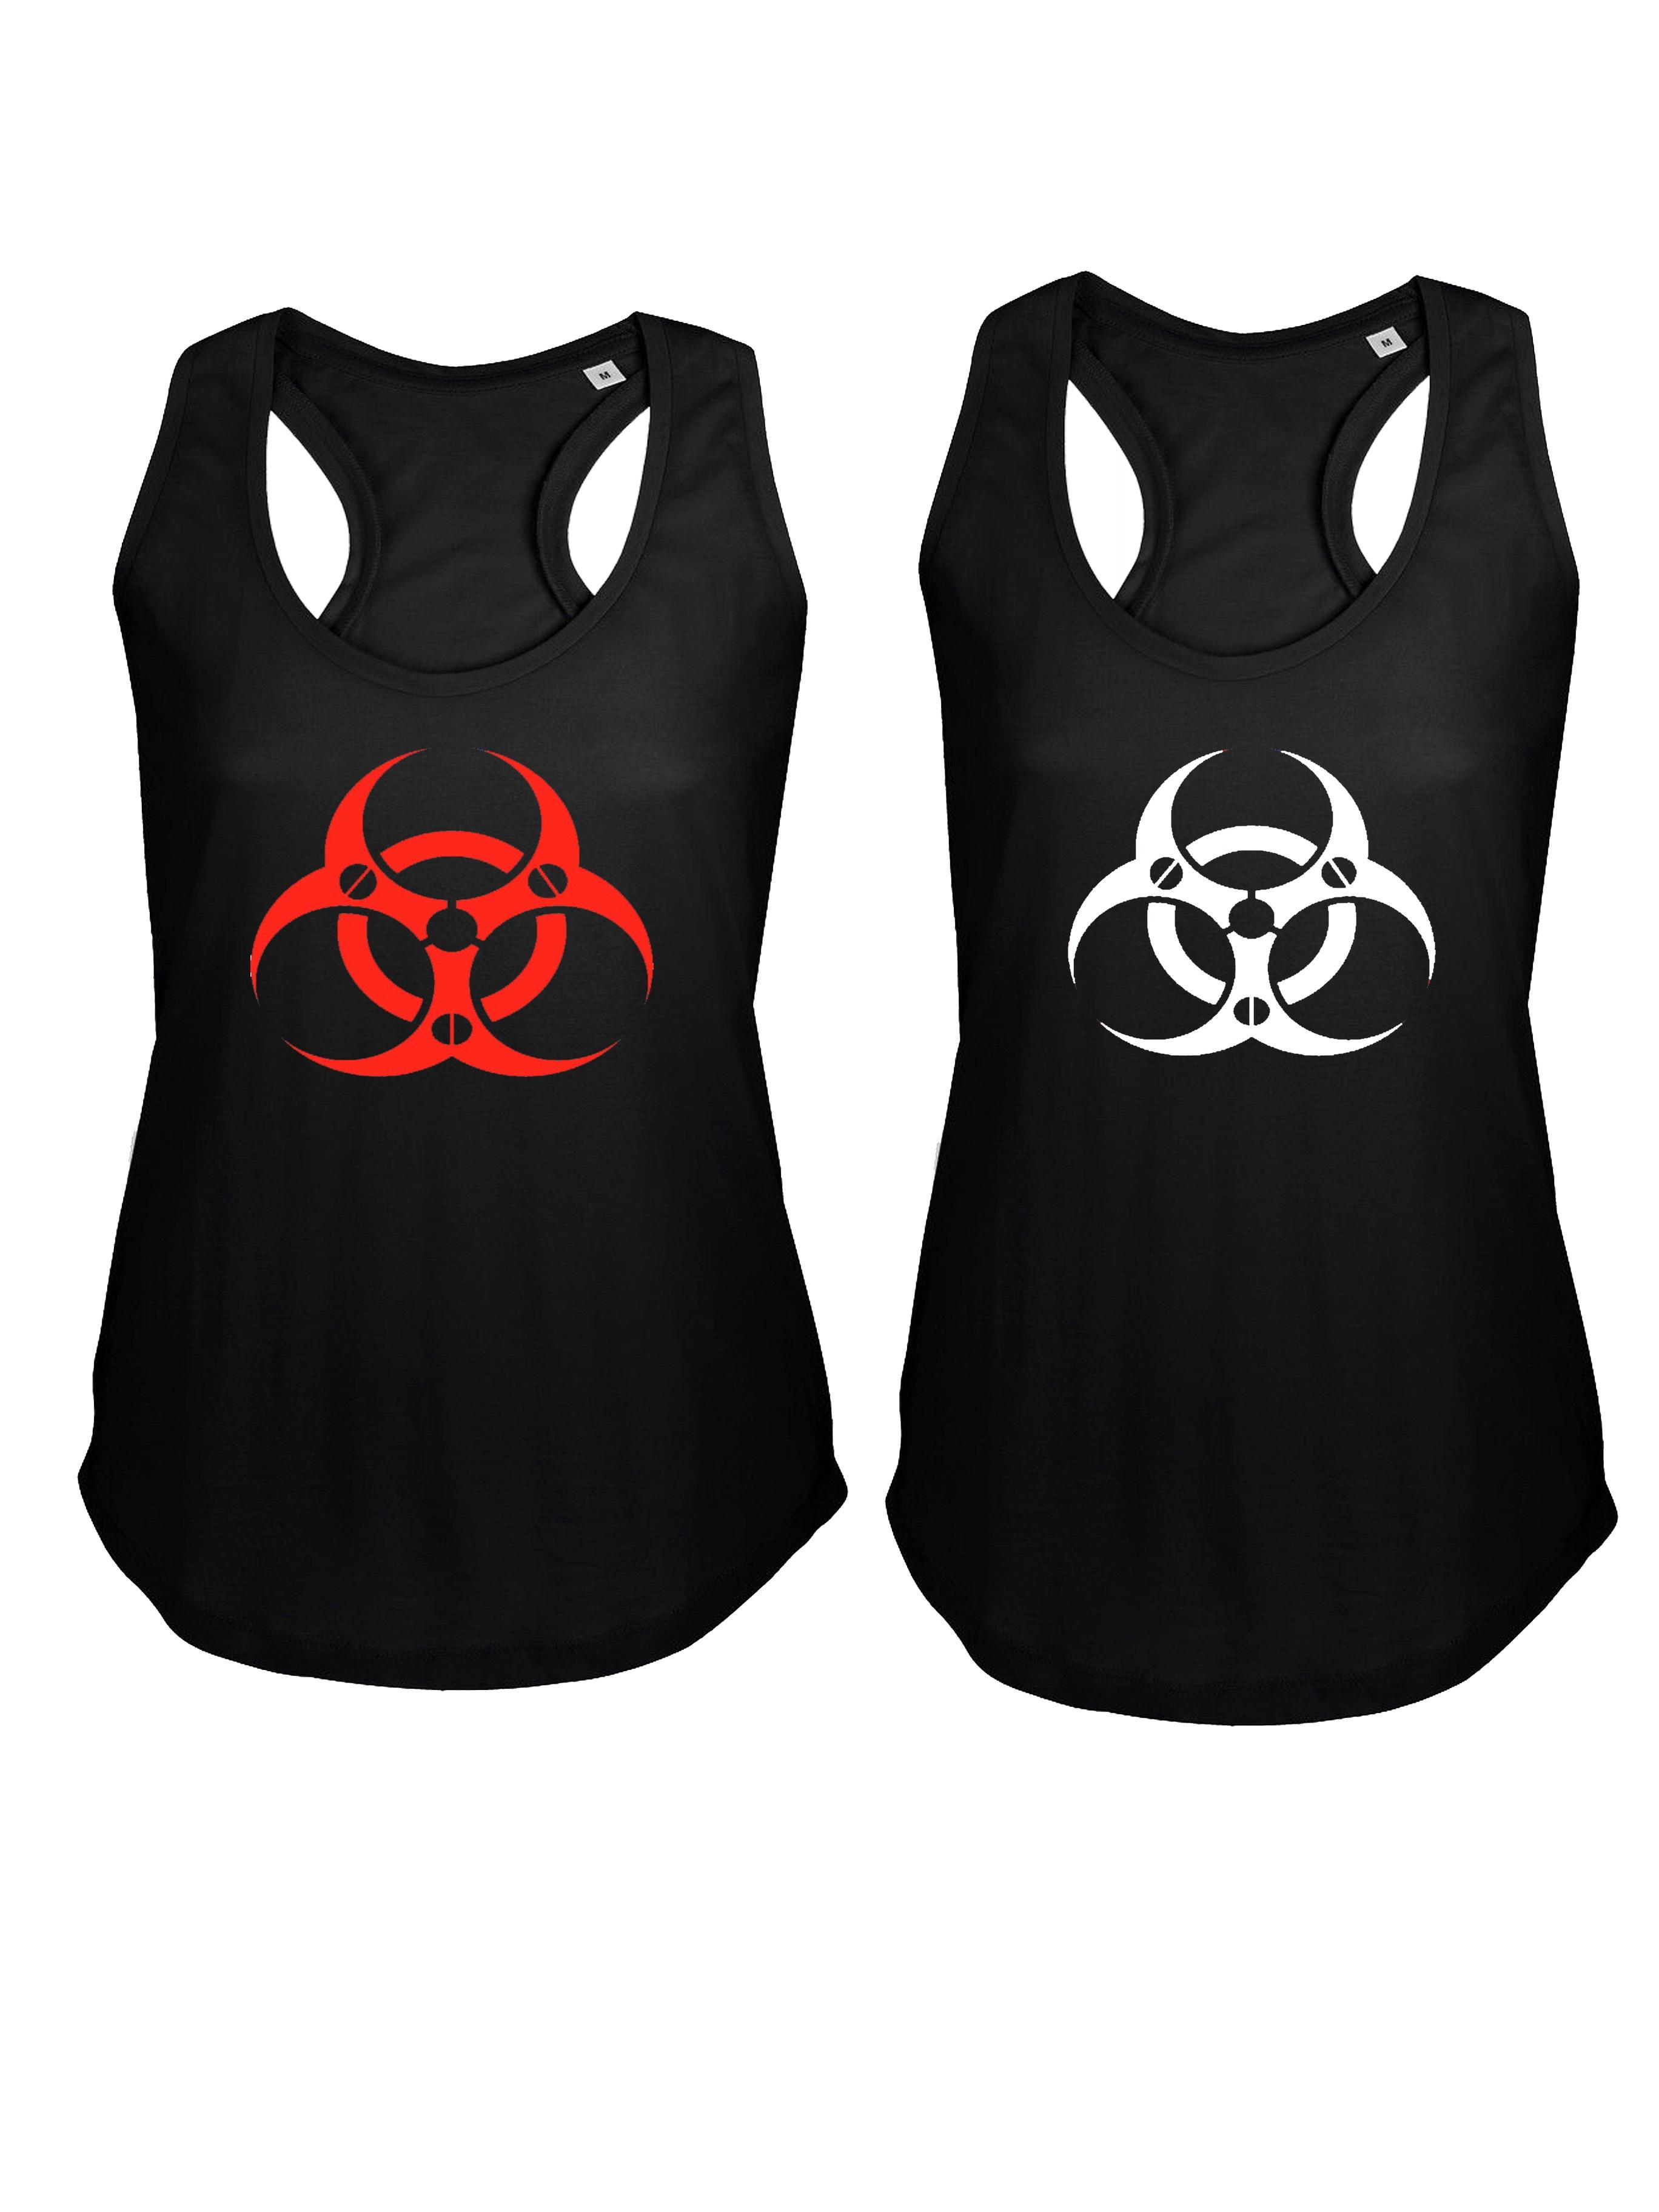 """Women Tank Top von HYPER X Model """"Biohazard Cyber"""" in verschiedenen Farbkombinationen"""